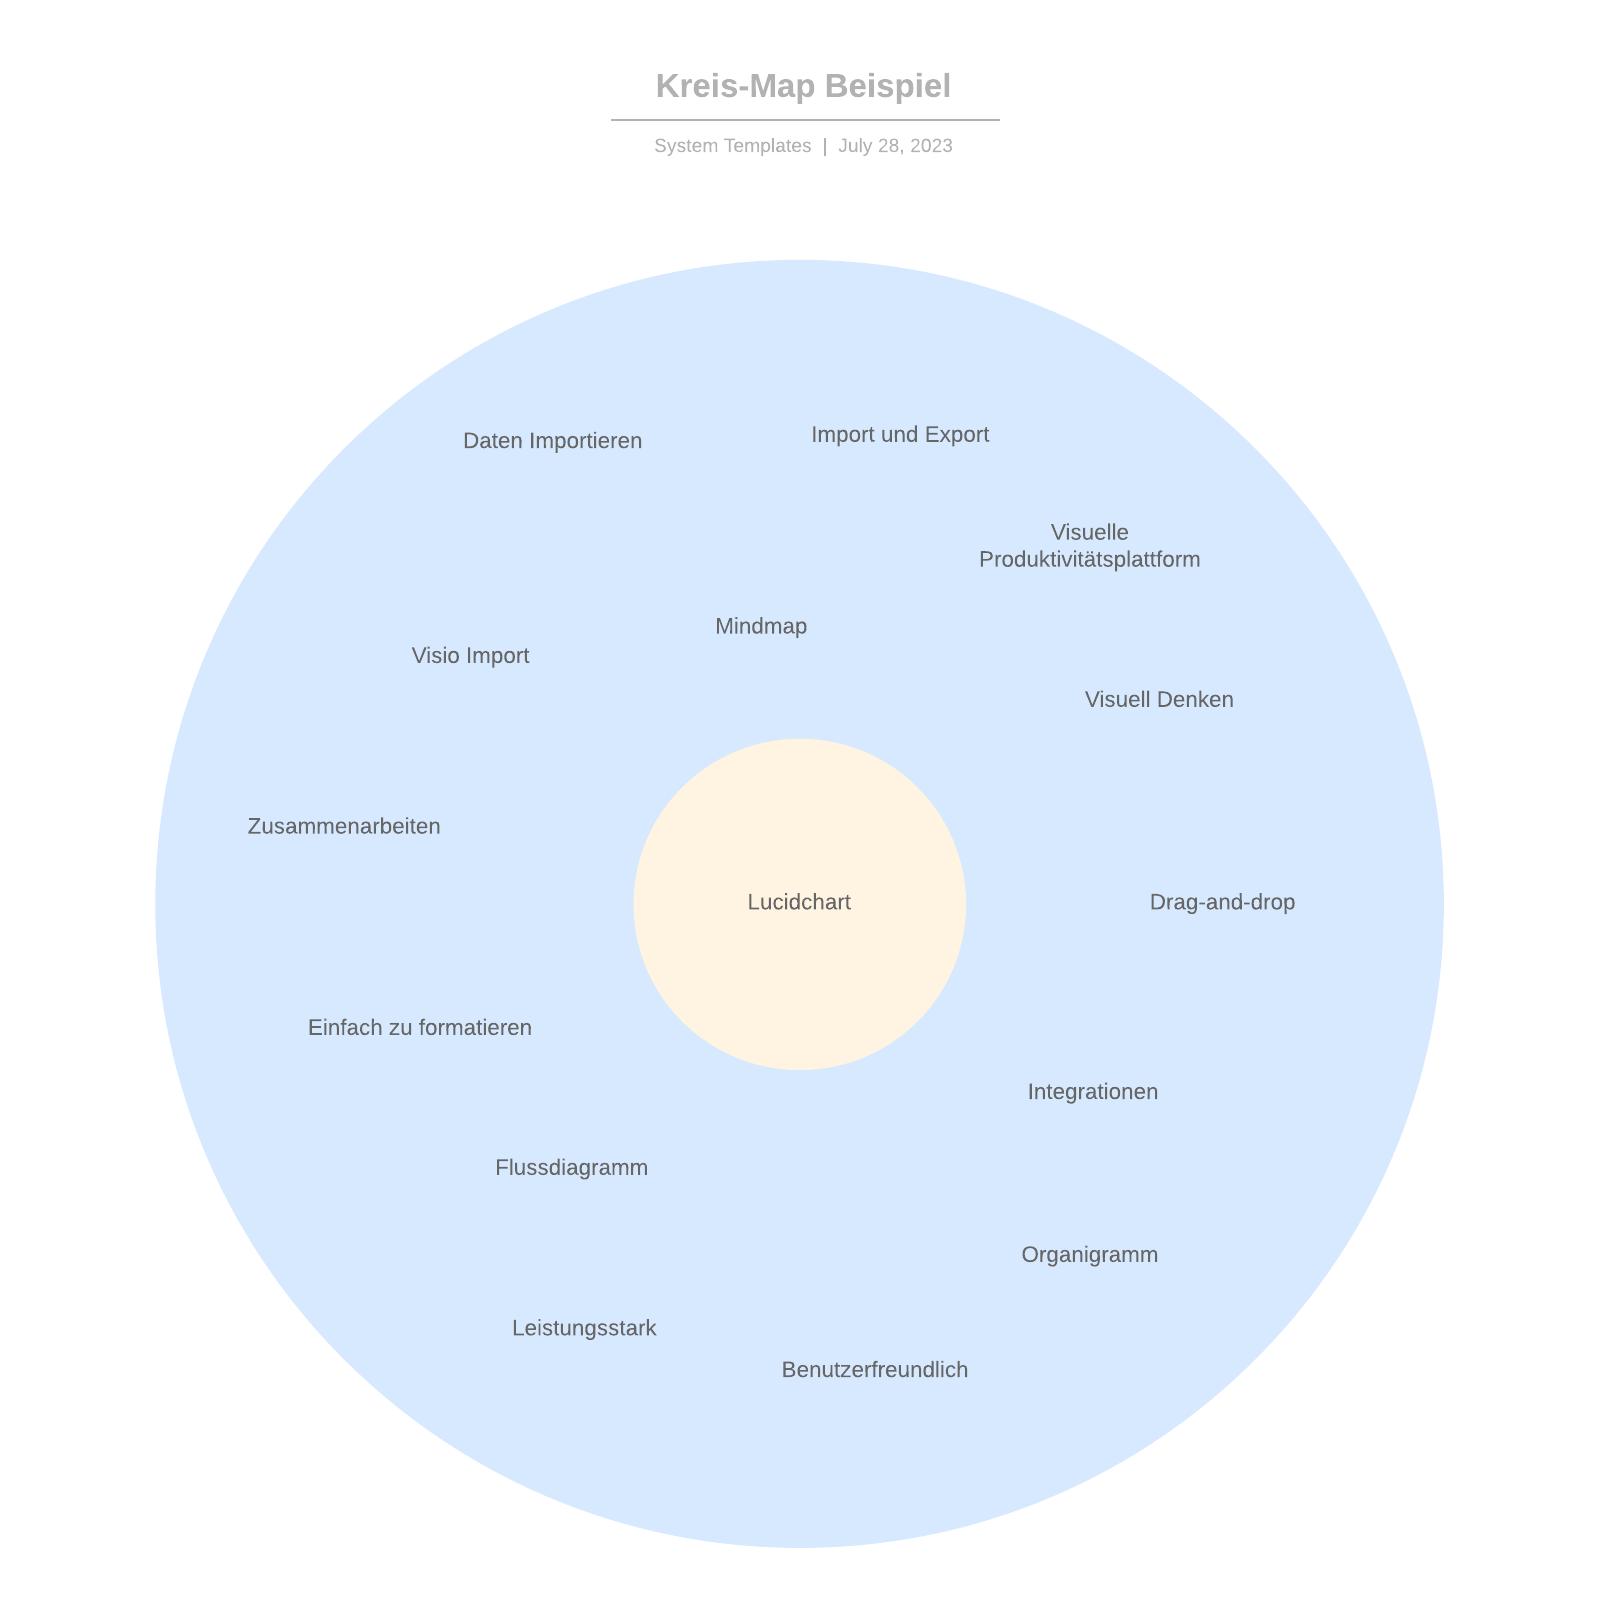 Kreis-Map Beispiel